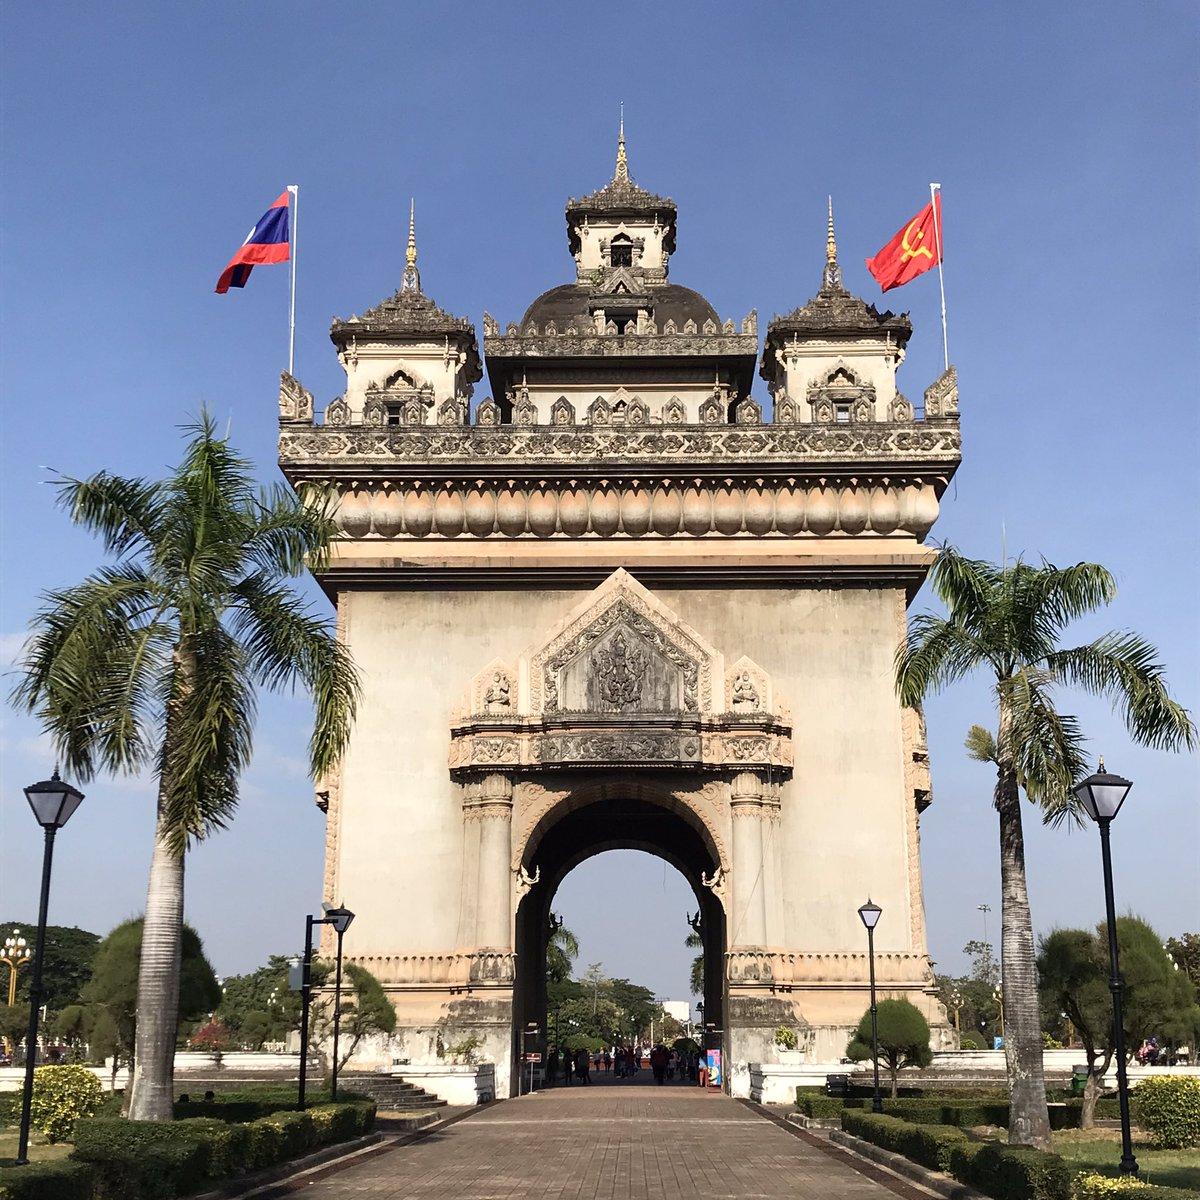 ຊົມເຊີຍ ວັນຊາດລາວ! 🇱🇦                                   Happy Lao National Day! 🇱🇦                  This year marks the 65th anniversary of diplomatic relations between the UK and Laos - here's to further close co-operation in the future! @UKinLaos https://t.co/nYTnoLW9Qg